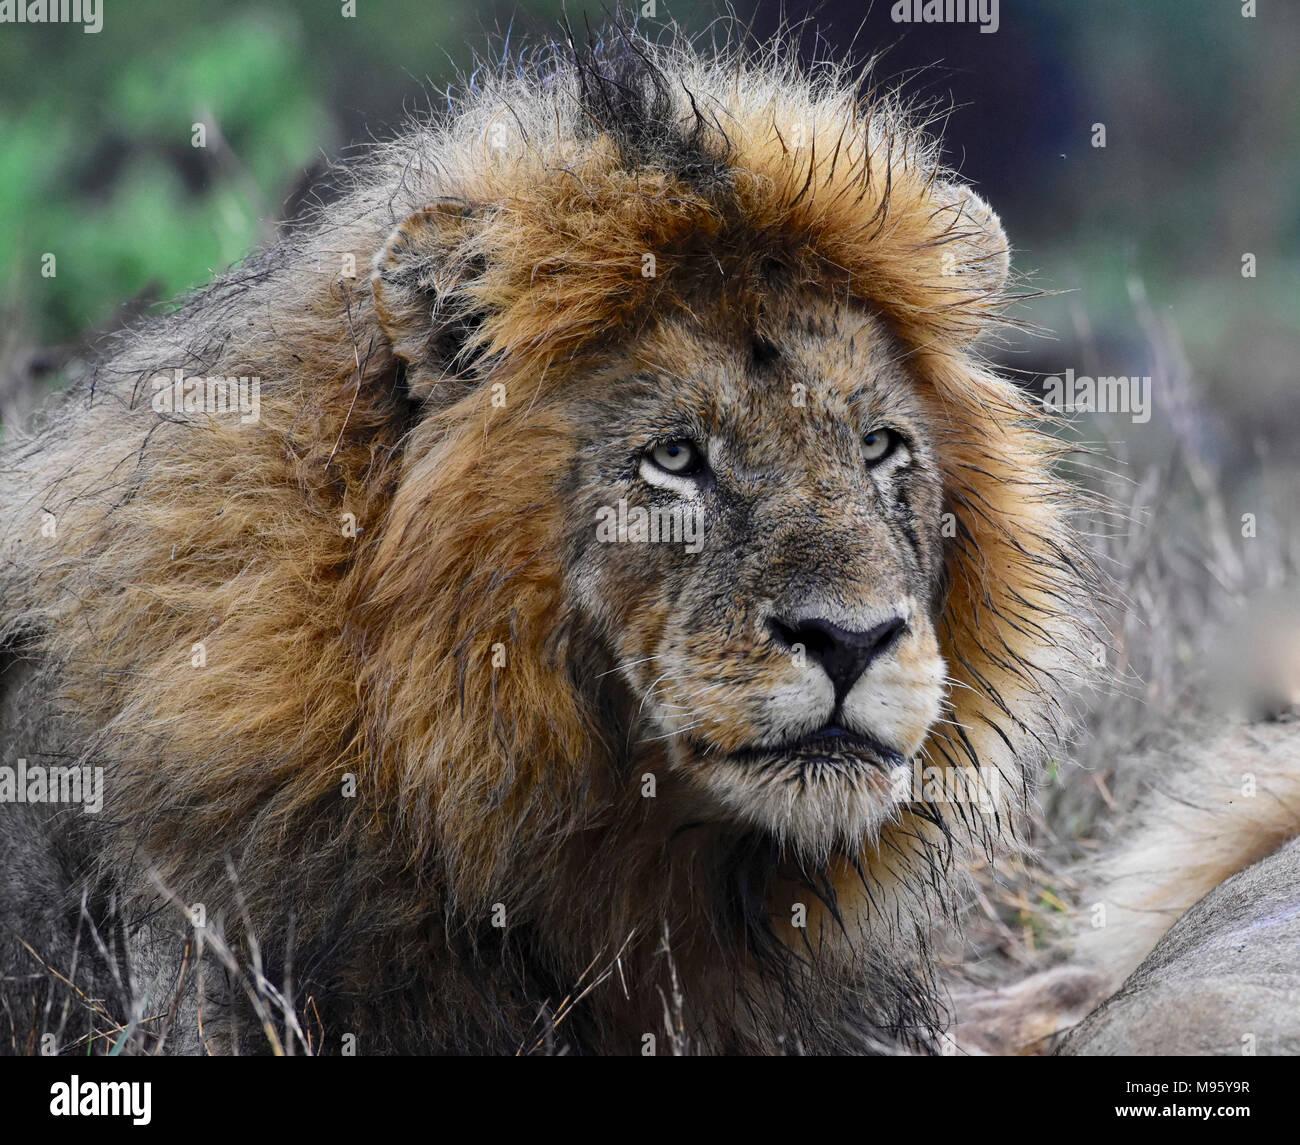 Südafrika ist ein beliebtes Reiseziel für seine Mischung aus echten afrikanischen und europäischen Erfahrungen. Krüger Park ist weltberühmt. Nasse männliche Löwe. Stockbild